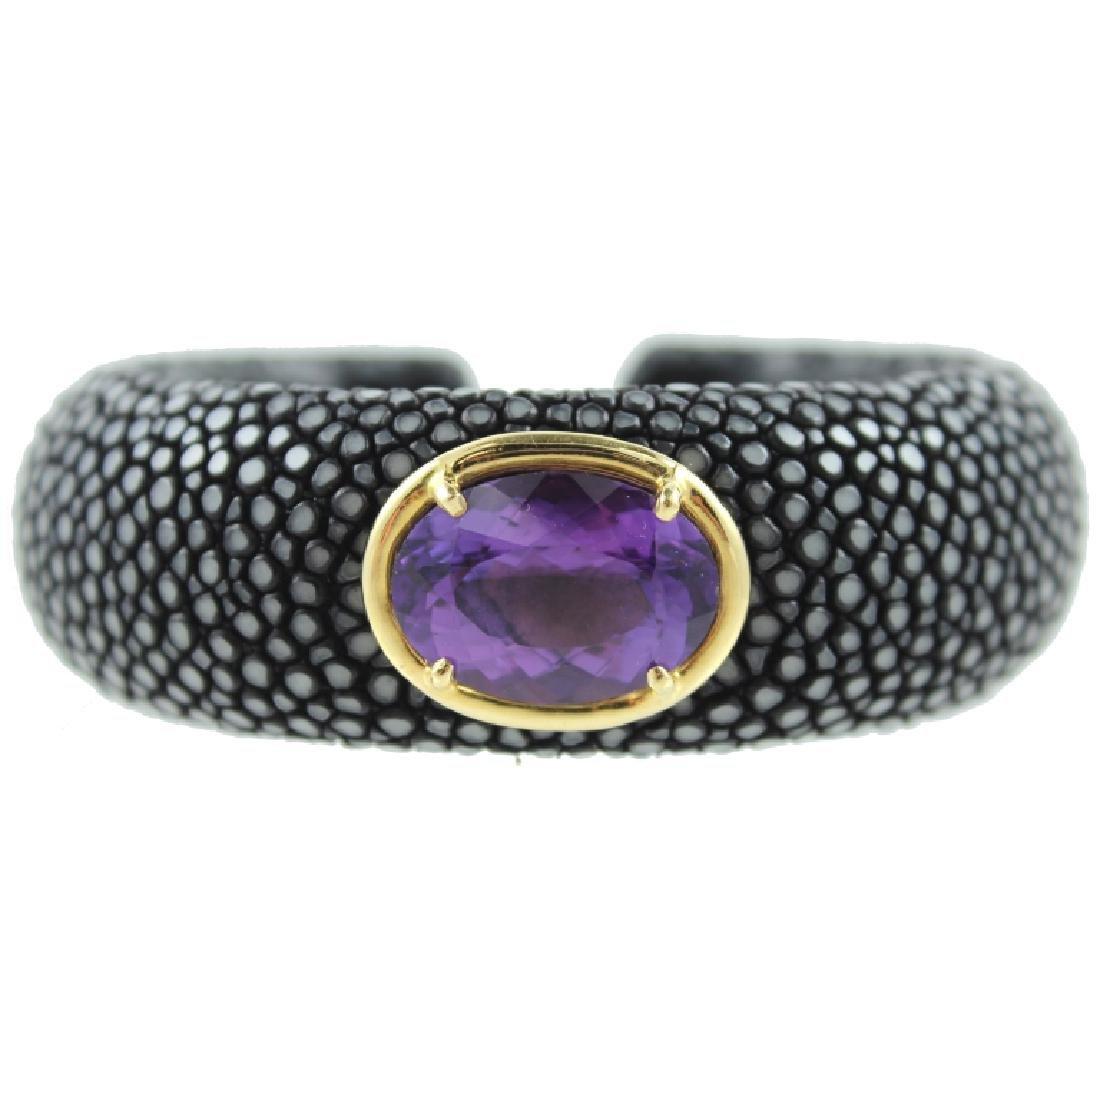 Amethyst Stingray skin Cuff bracelet.